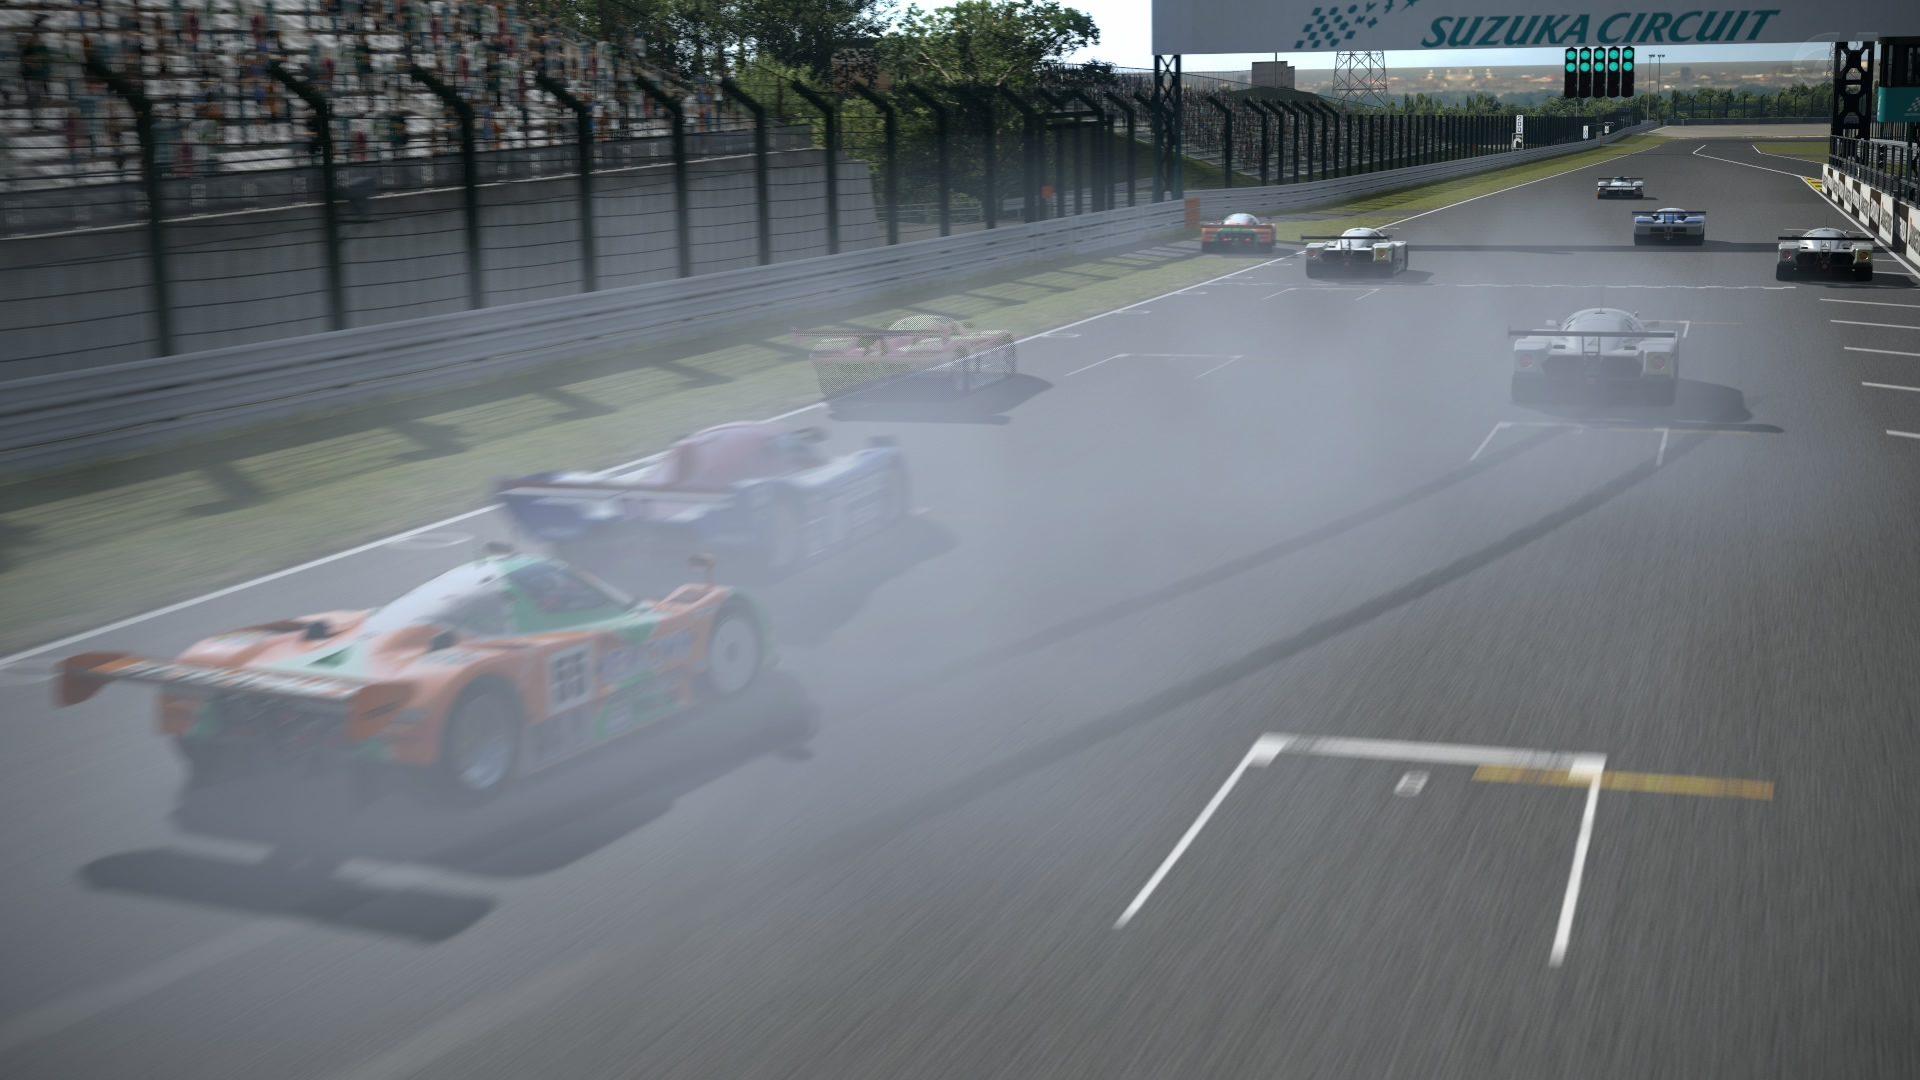 Suzuka Circuit_22.jpg